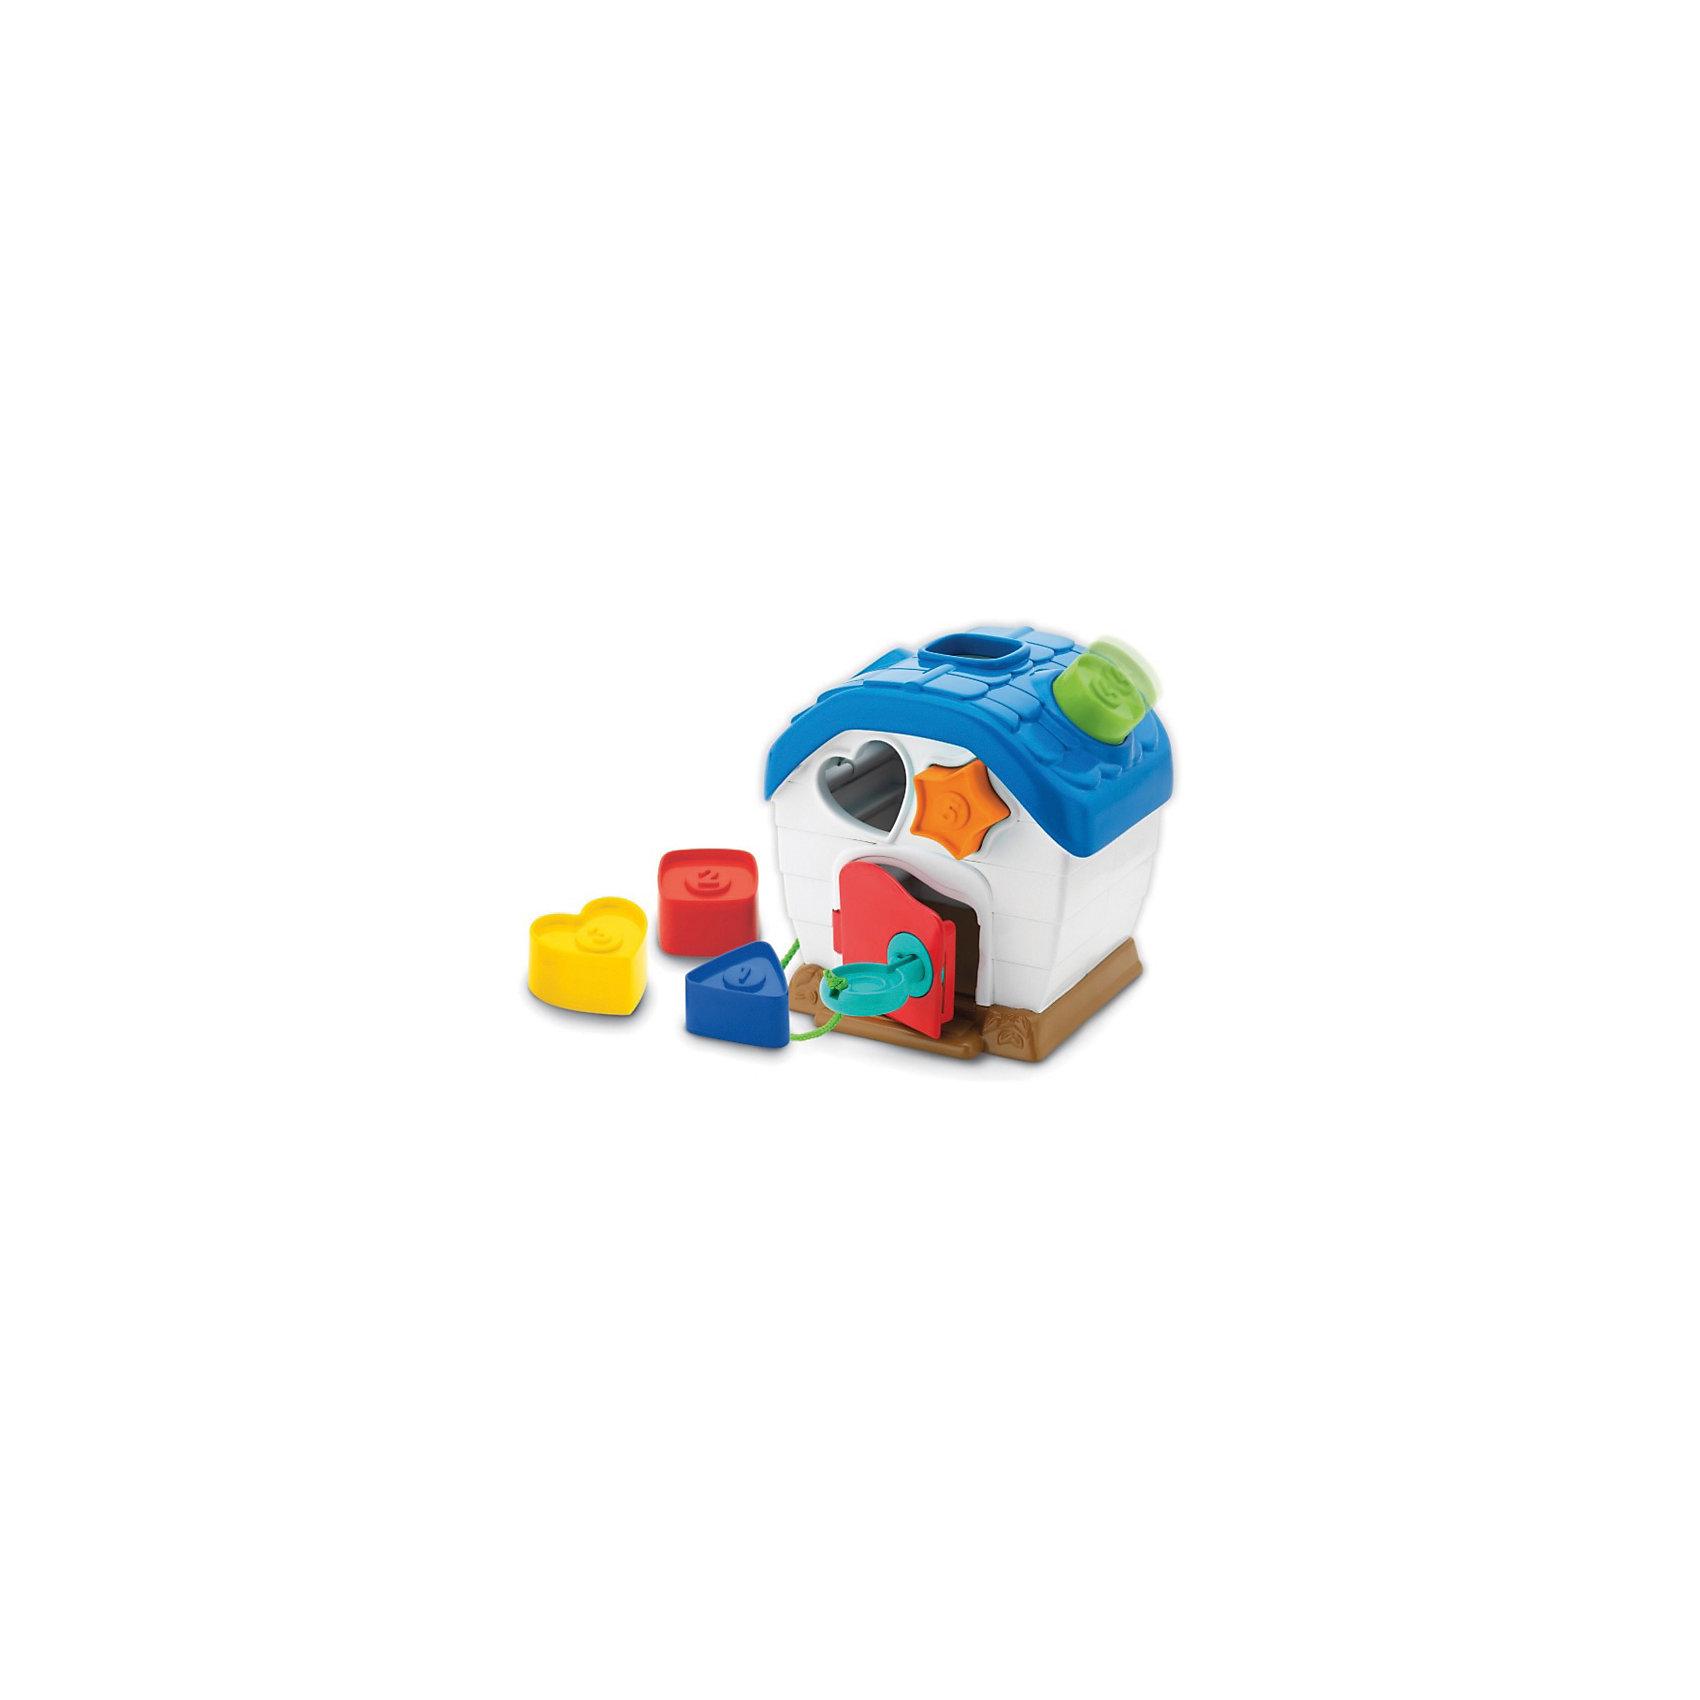 Домик-сортер, KeenwayСортеры<br>Домик-сортер от Keenway - отличный подарок ребенку. Это красочная игрушка, которая обязательно понравится малышу. Она выполнена в виде симпатичного домика и формочек, для которых нужно подобрать соответствующее место. Замечательный игровой набор надолго увлечет девочку!<br>Игрушка по габаритам идеально подходит для маленьких ручек малыша. Весит совсем немного. Такие игрушки помогают развить мелкую моторику, логическое мышление и воображение ребенка. Эта игрушка выполнена из высококачественного прочного пластика, безопасного для детей.<br>  <br>Дополнительная информация:<br><br>цвет: разноцветный;<br>материал: пластик;<br>размер:  16.5 х 12.5 х 16.5  см;<br>комплектация:  сортер, 5 формочек;<br>вес: 564 г.<br><br>Домик-сортер от компании Keenway можно купить в нашем магазине.<br><br>Ширина мм: 345<br>Глубина мм: 200<br>Высота мм: 165<br>Вес г: 1200<br>Возраст от месяцев: 36<br>Возраст до месяцев: 120<br>Пол: Унисекс<br>Возраст: Детский<br>SKU: 4810975